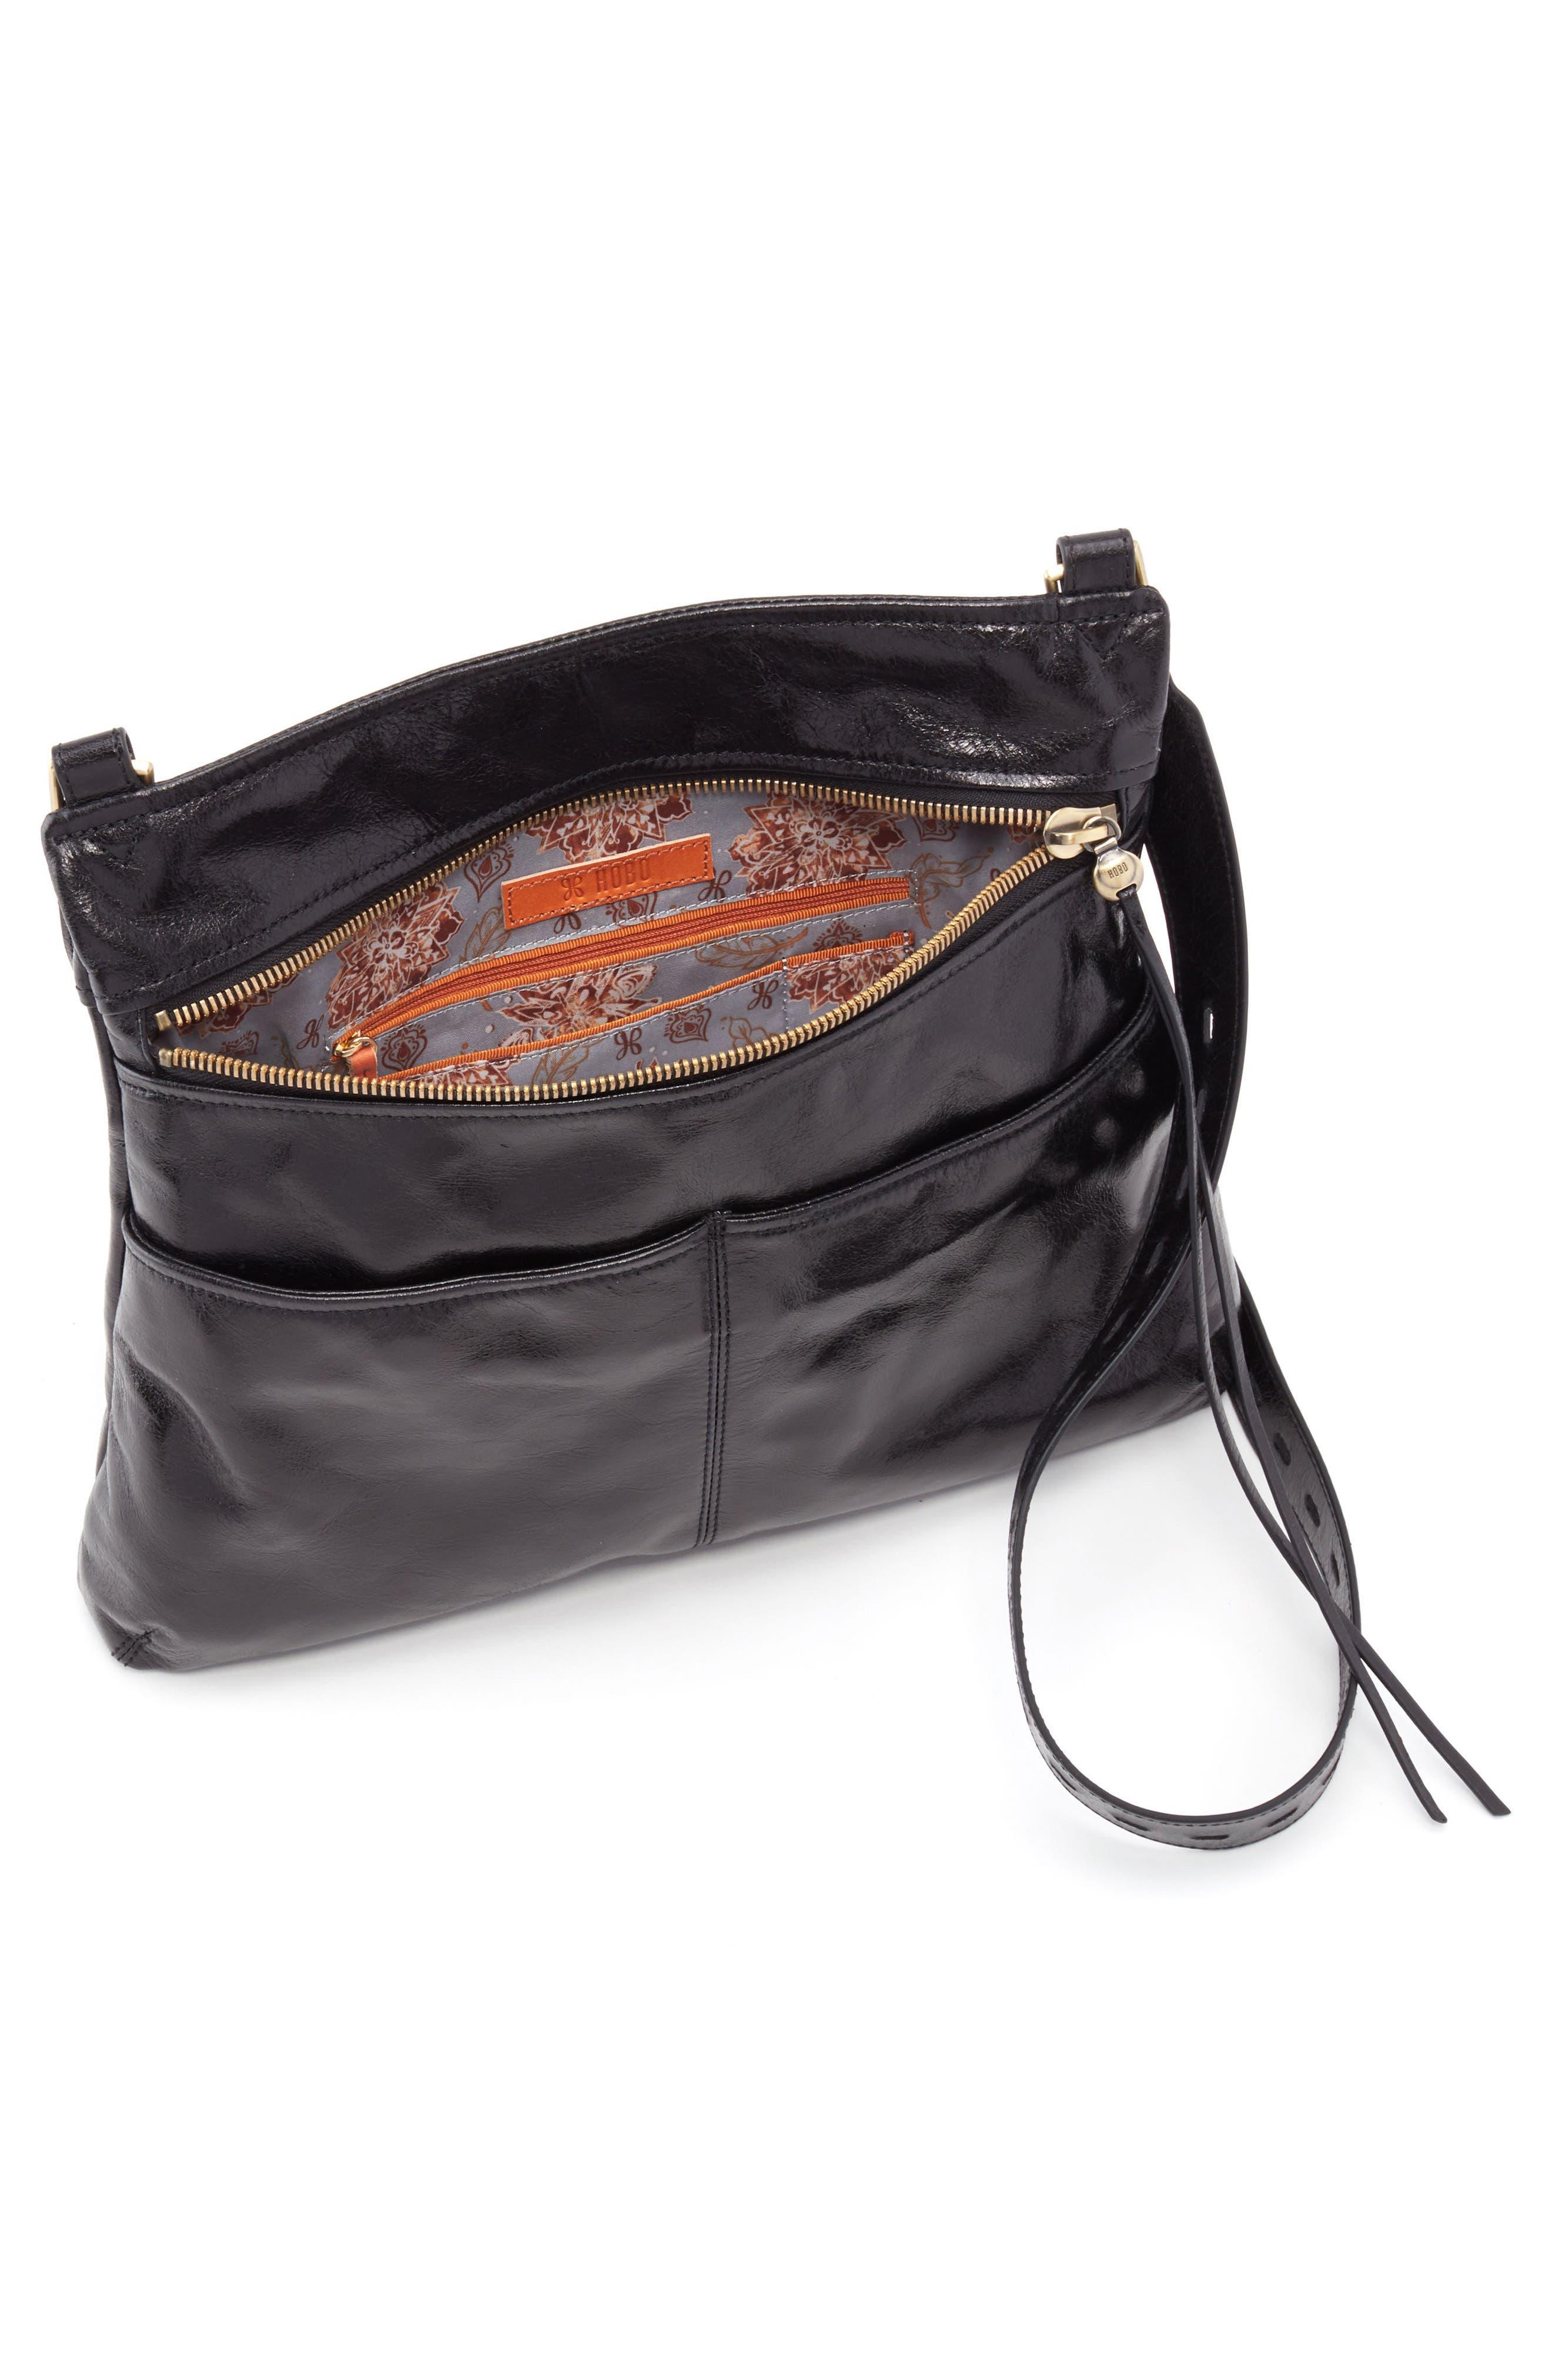 Angler Crossbody Bag,                             Alternate thumbnail 3, color,                             BLACK